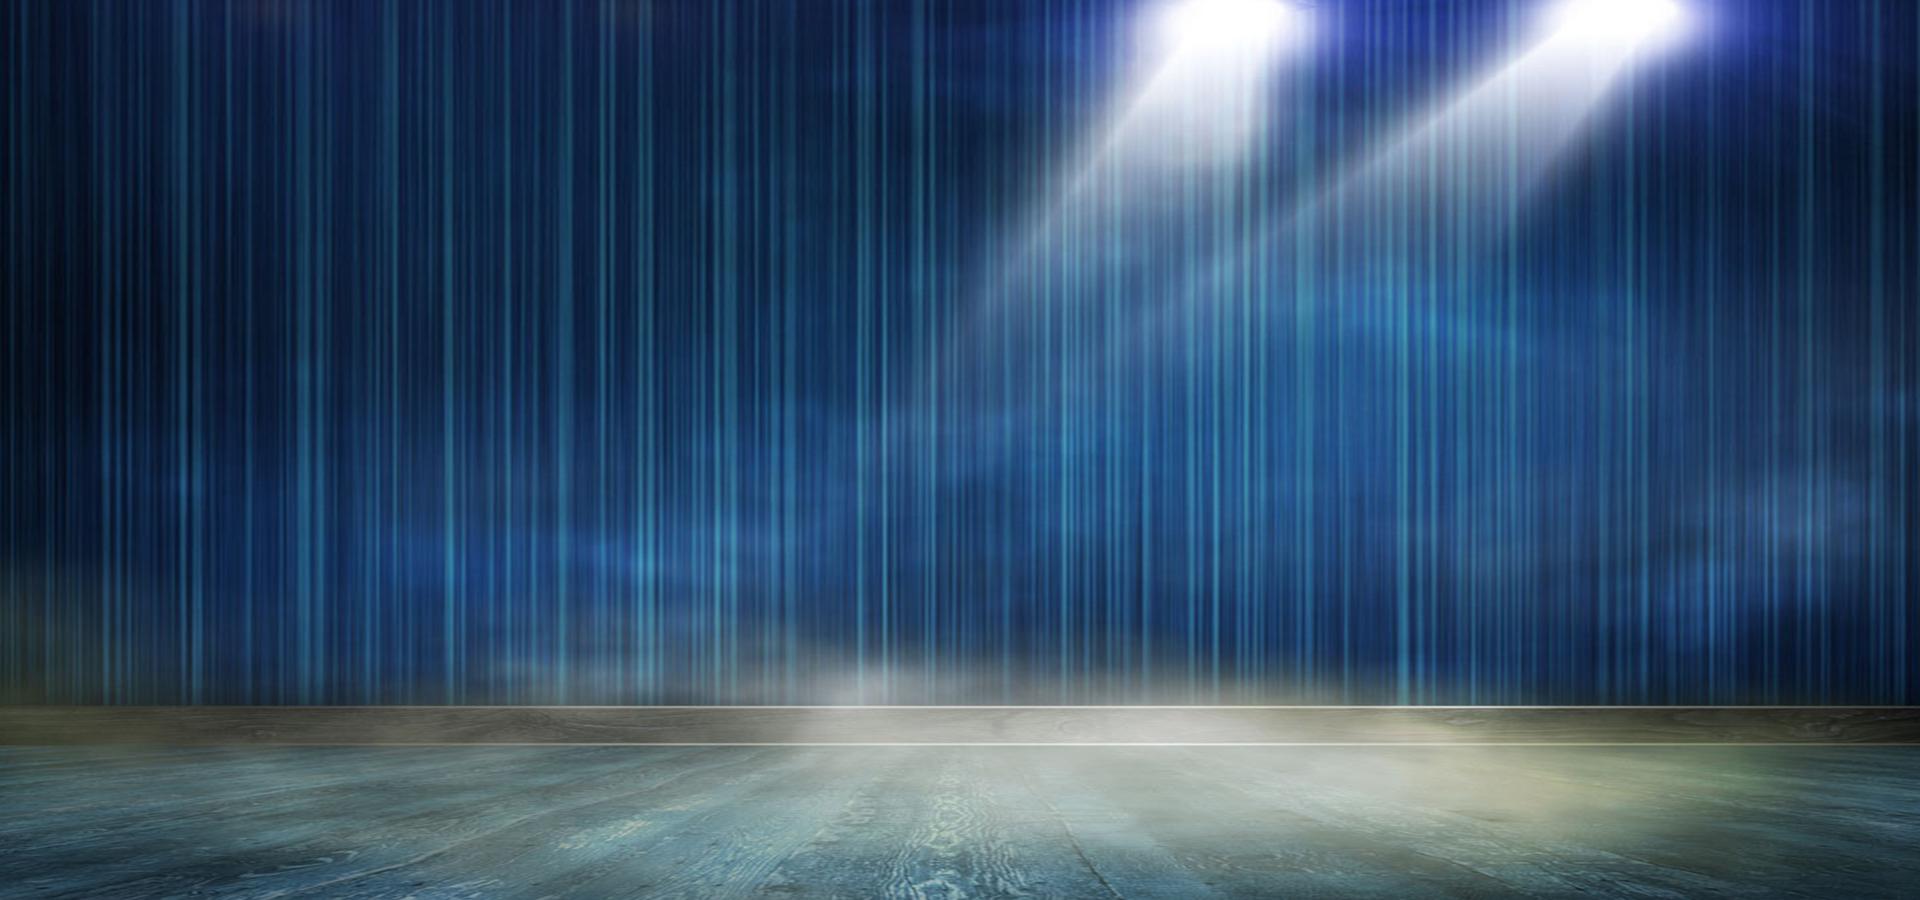 light design graphic digital lightning pattern wallpaper